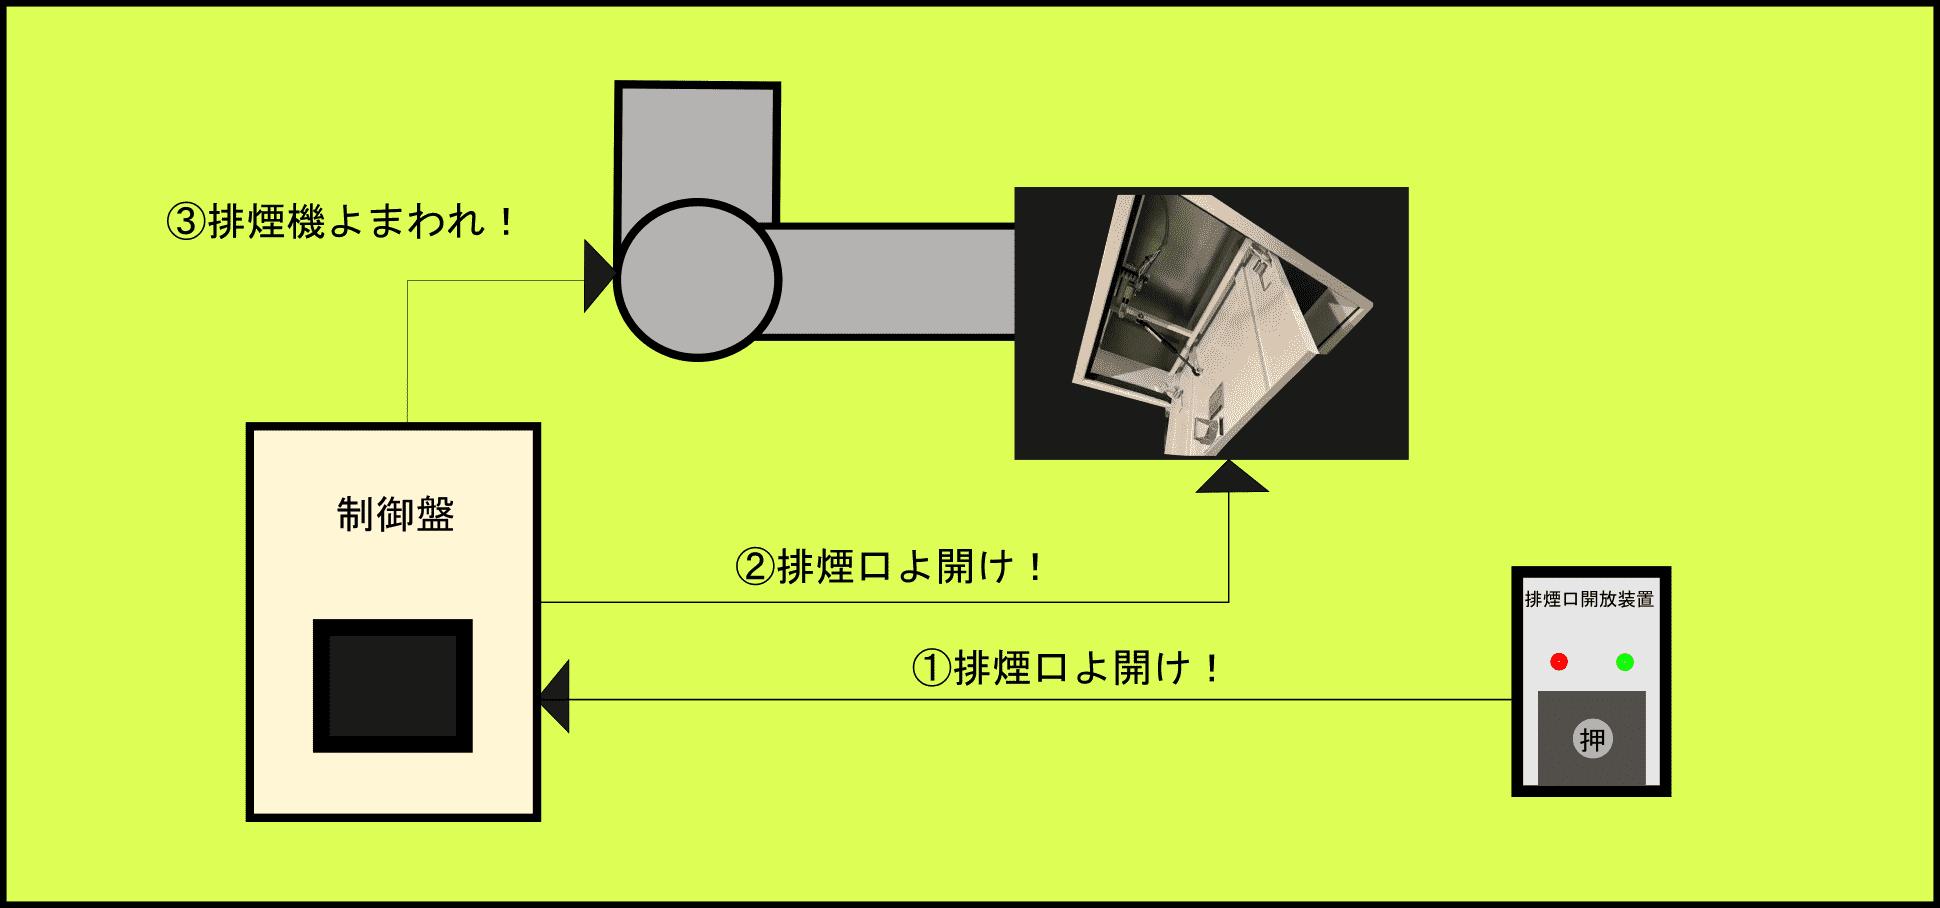 排煙設備図解